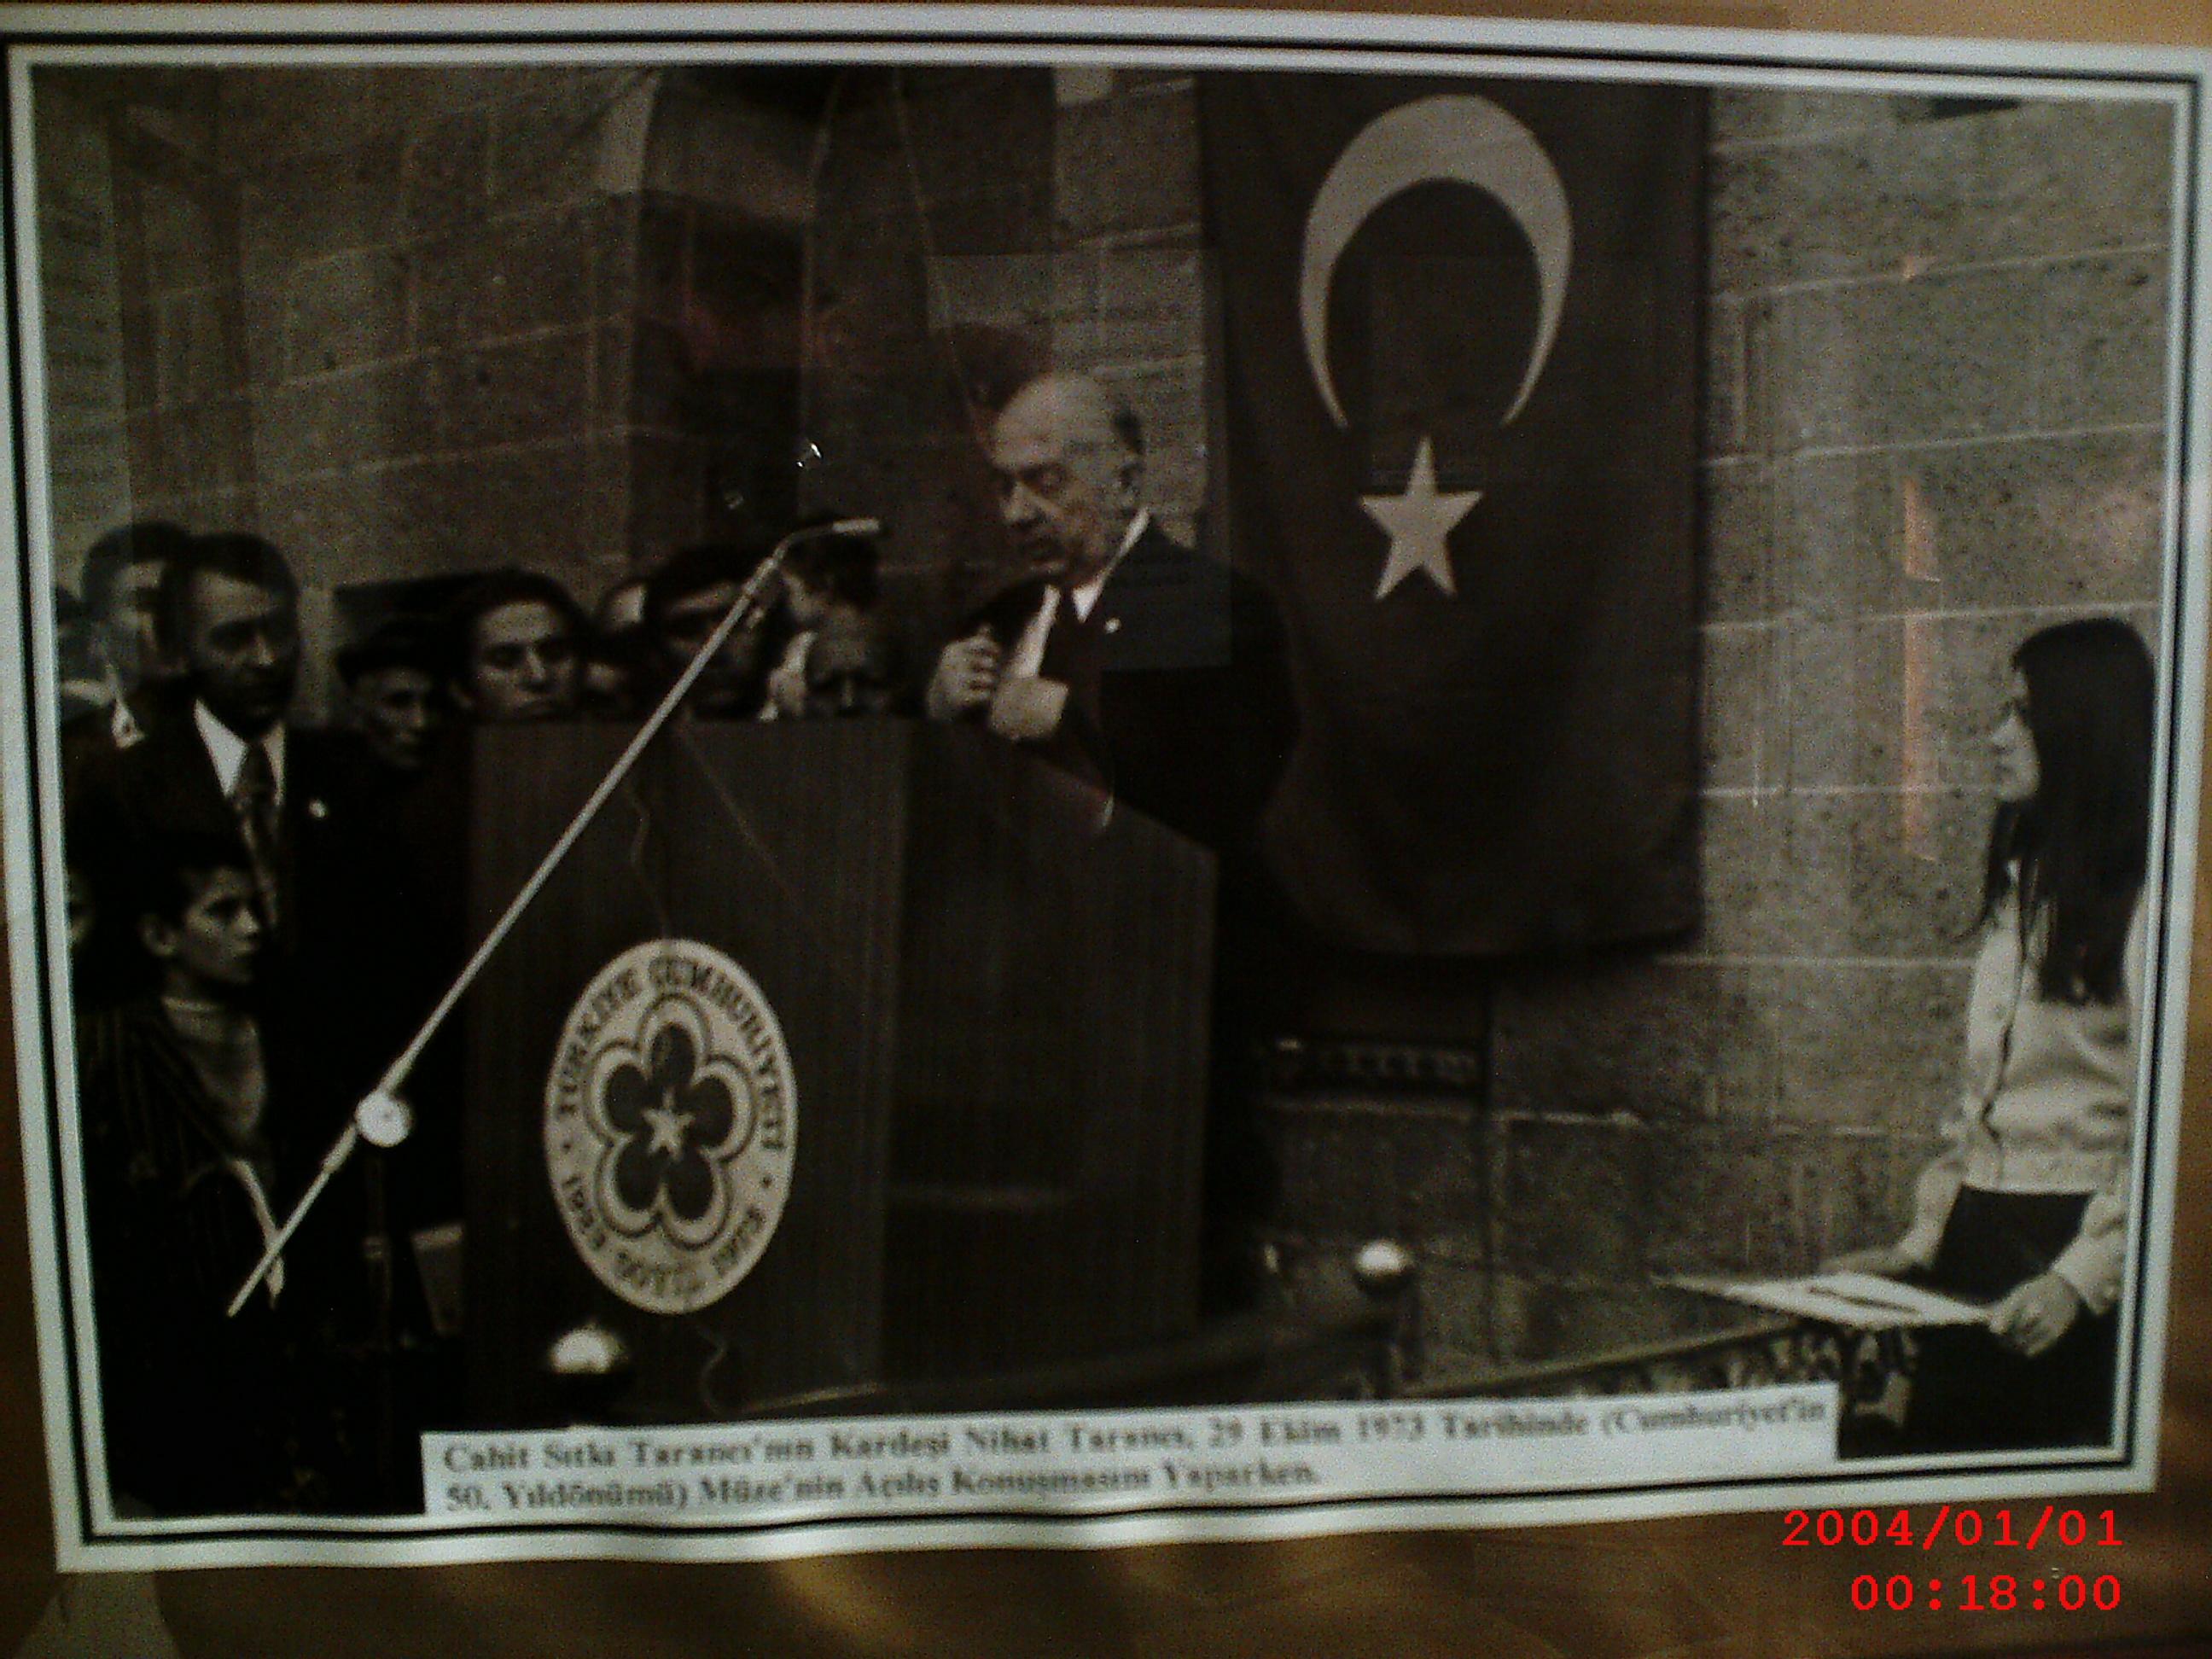 Kardeşi Nihat Tarancı Müzenin Açılışında Konuşurken..